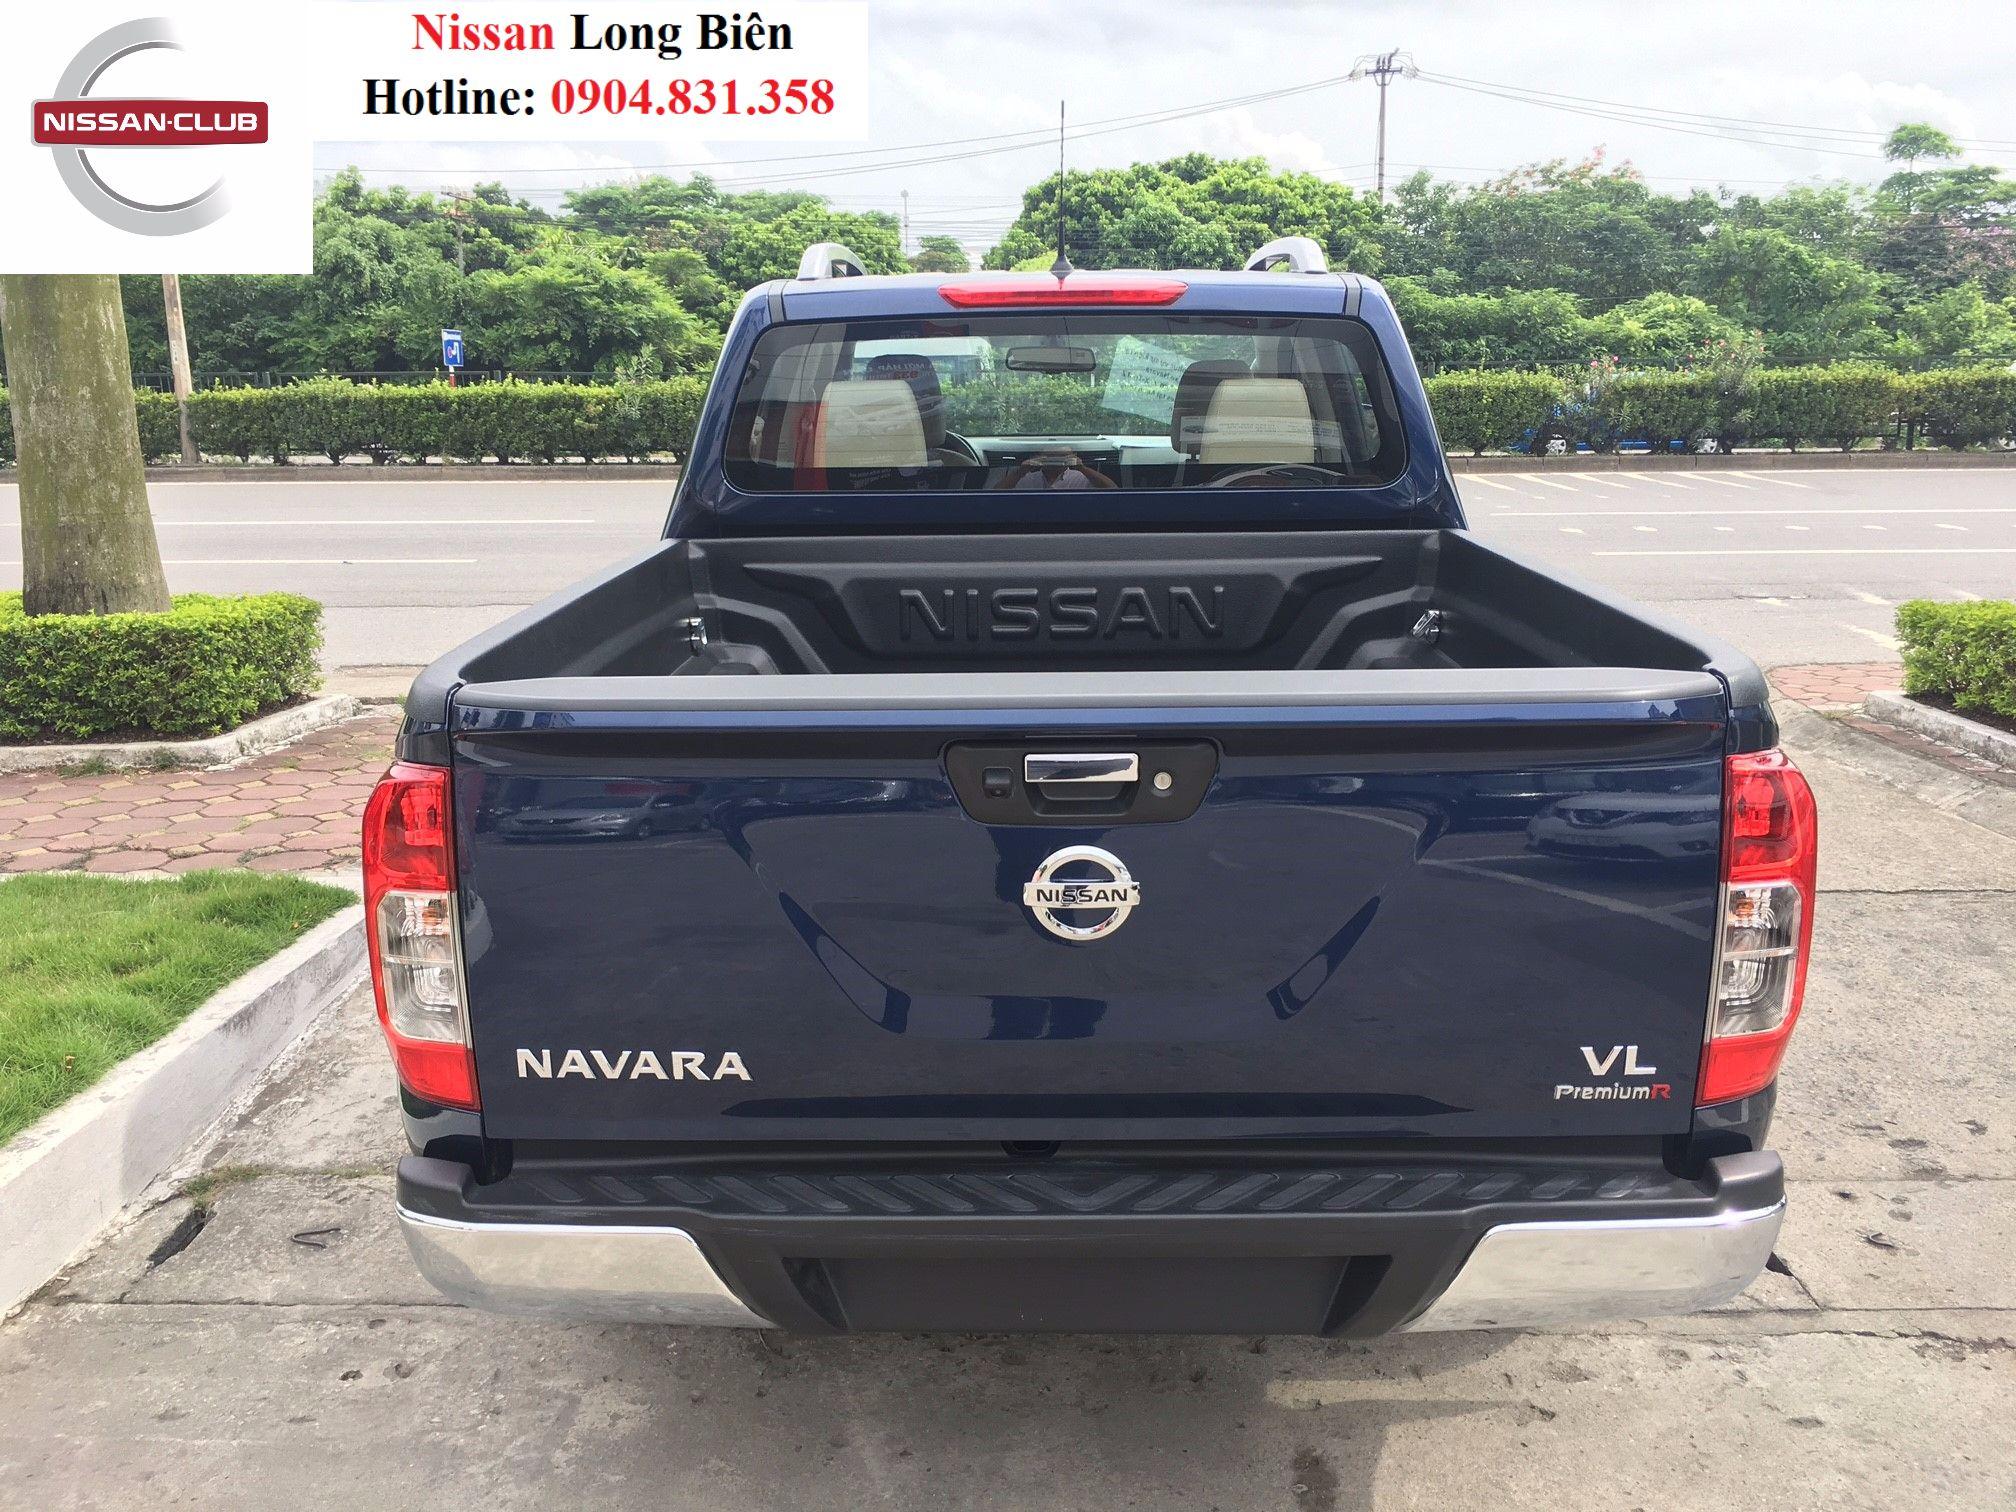 Nissan Navara VL : Bản nâng cấp Premium R có những điểm gì khác biệt ?